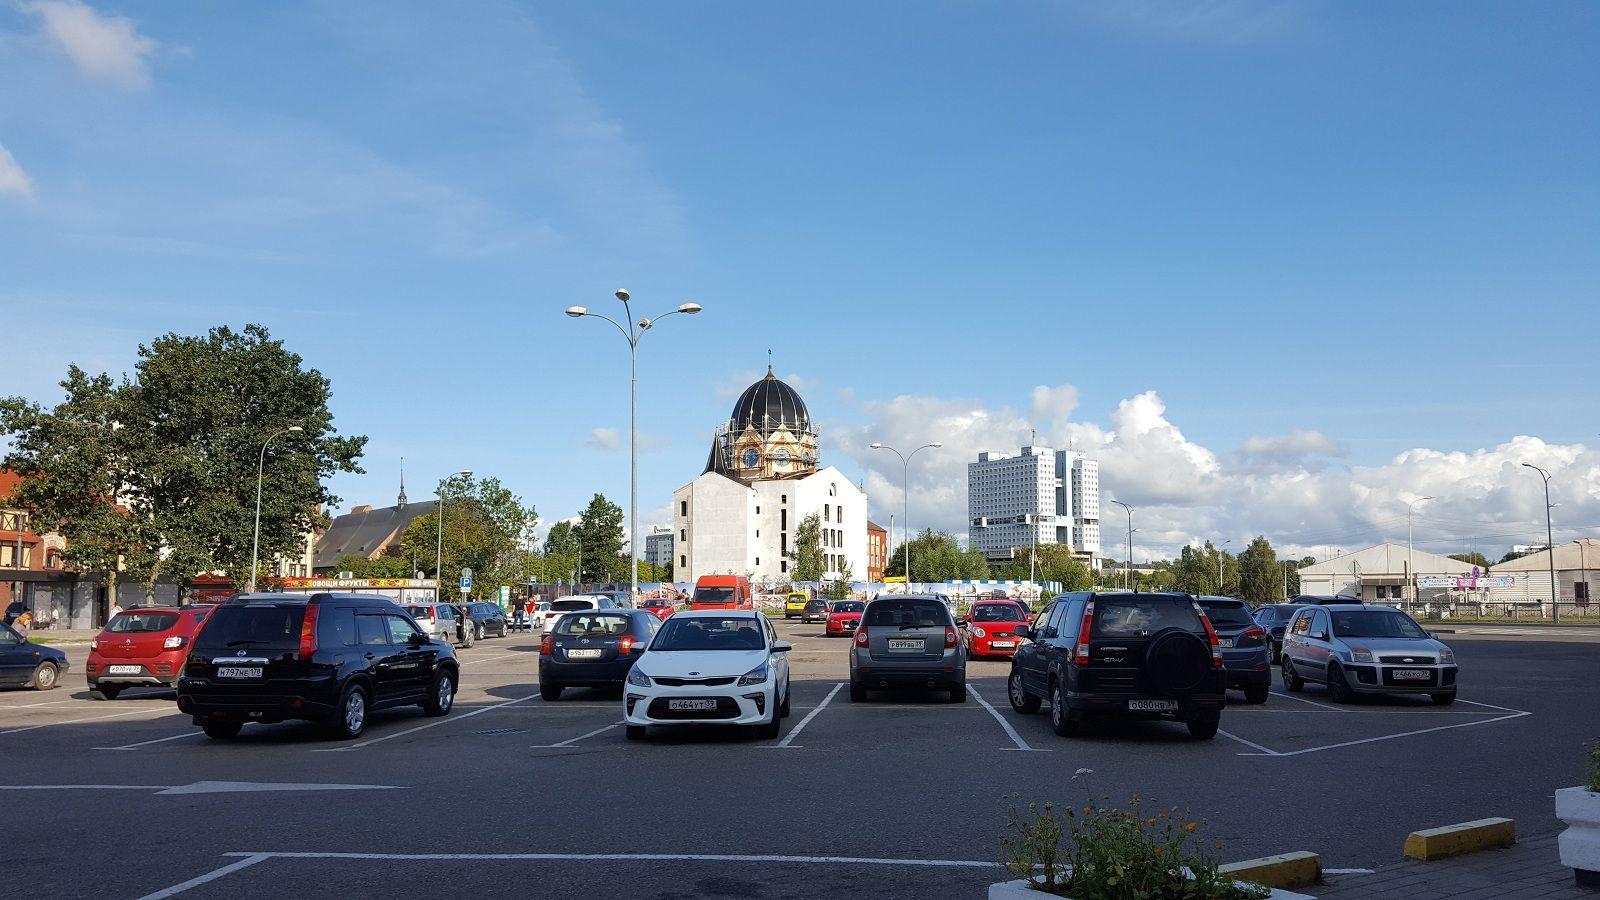 Как я провела свой день рождение, я покажу вам летний Калининград, фото 18